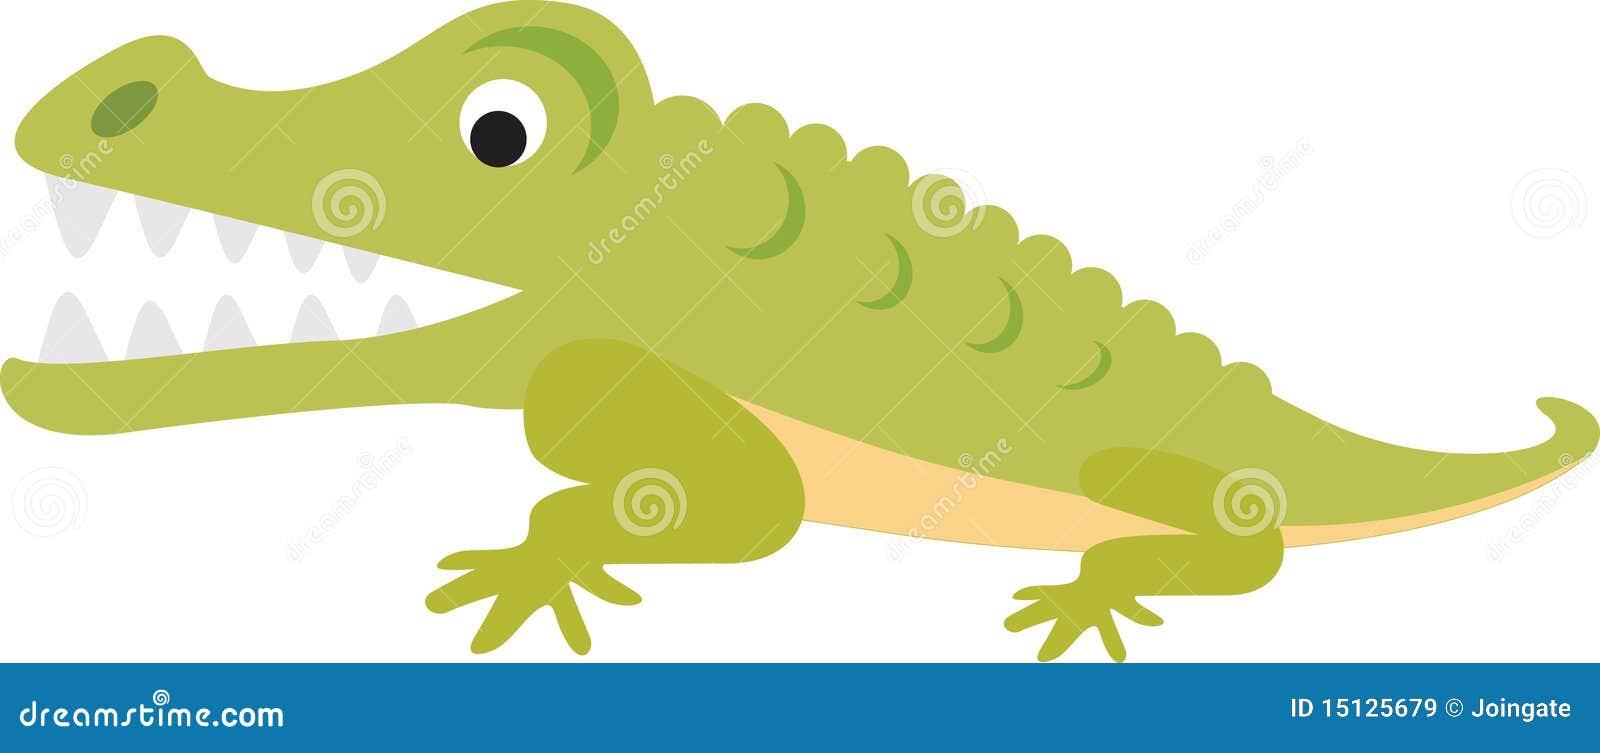 Dessin anim de crocodile ou d 39 alligator images libres de droits image 15125679 - Dessin anime crocodile ...